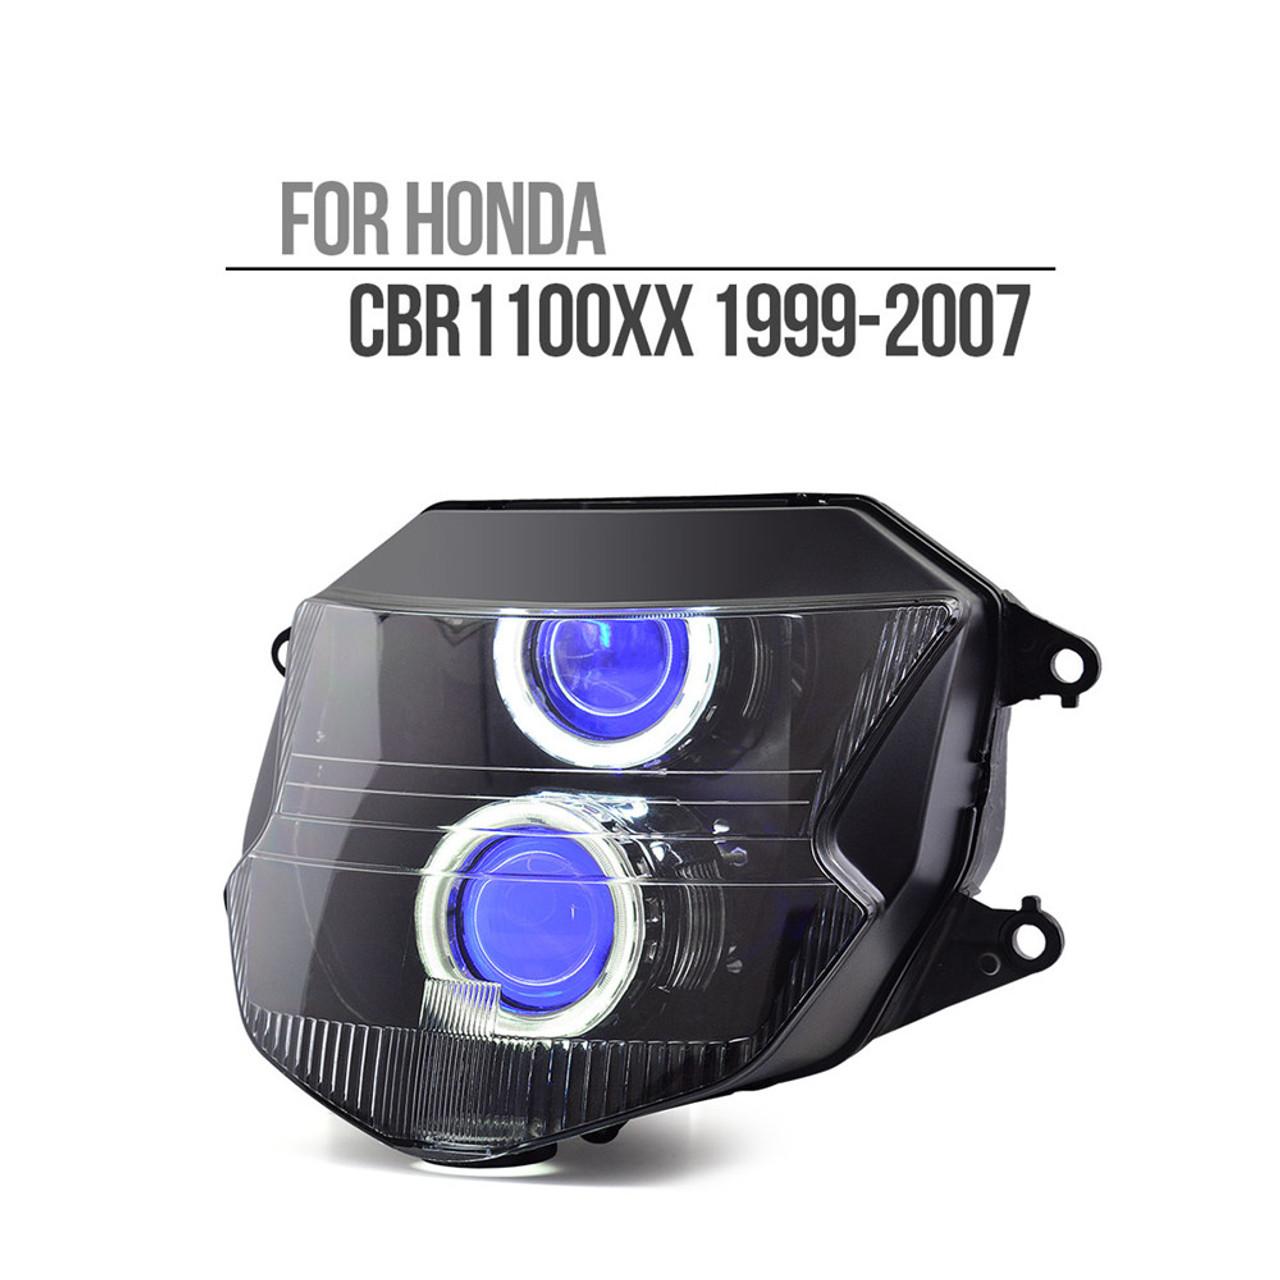 Honda CBR 1100 XX Blackbird 2001 Headlight Replacement Bulb